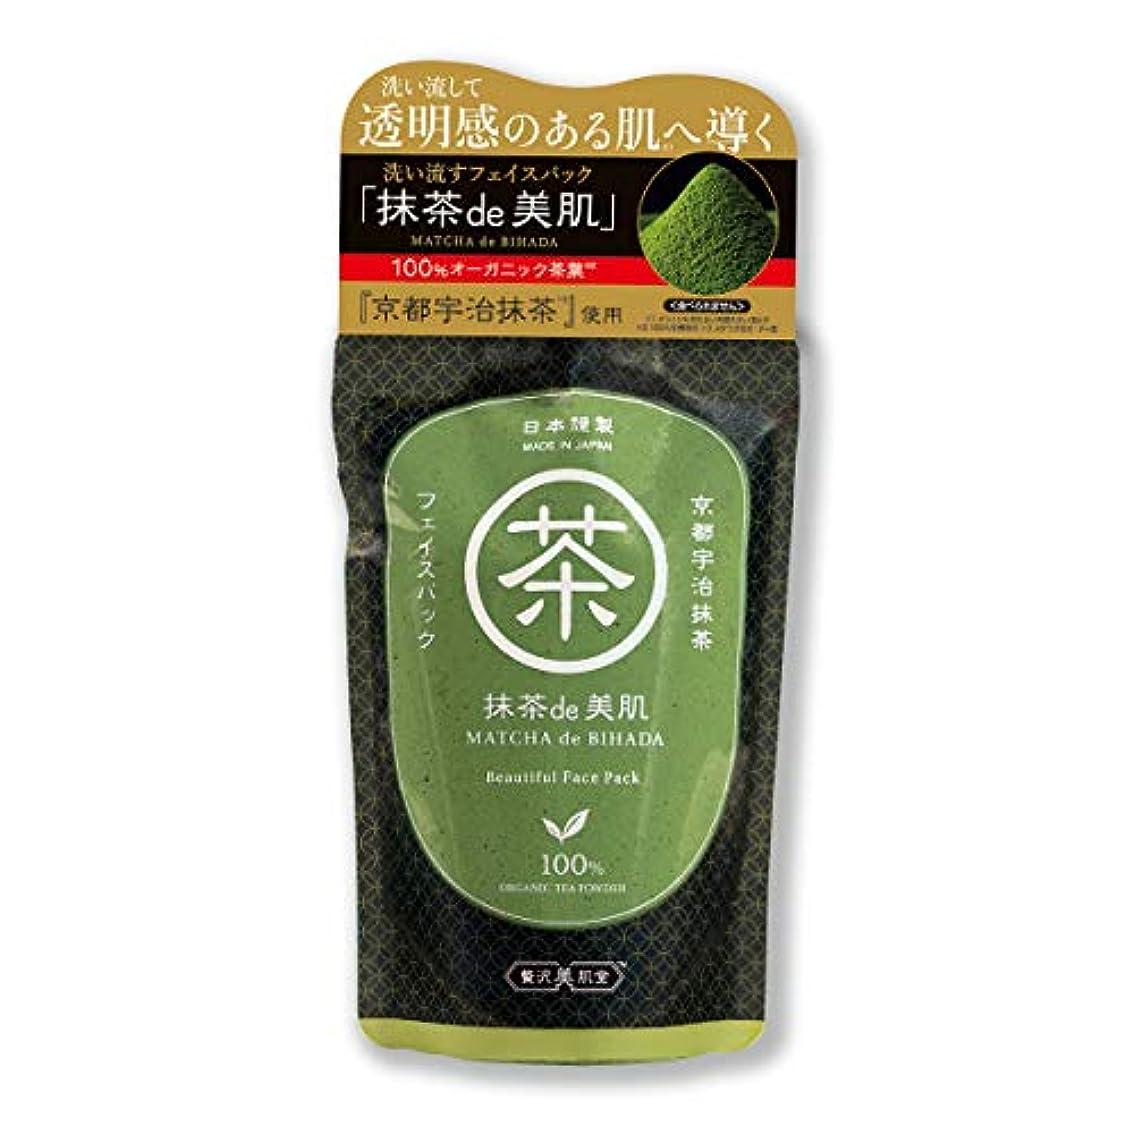 減らす小石統合贅沢美肌堂 抹茶de美肌 抹茶ミルクの香り 170g